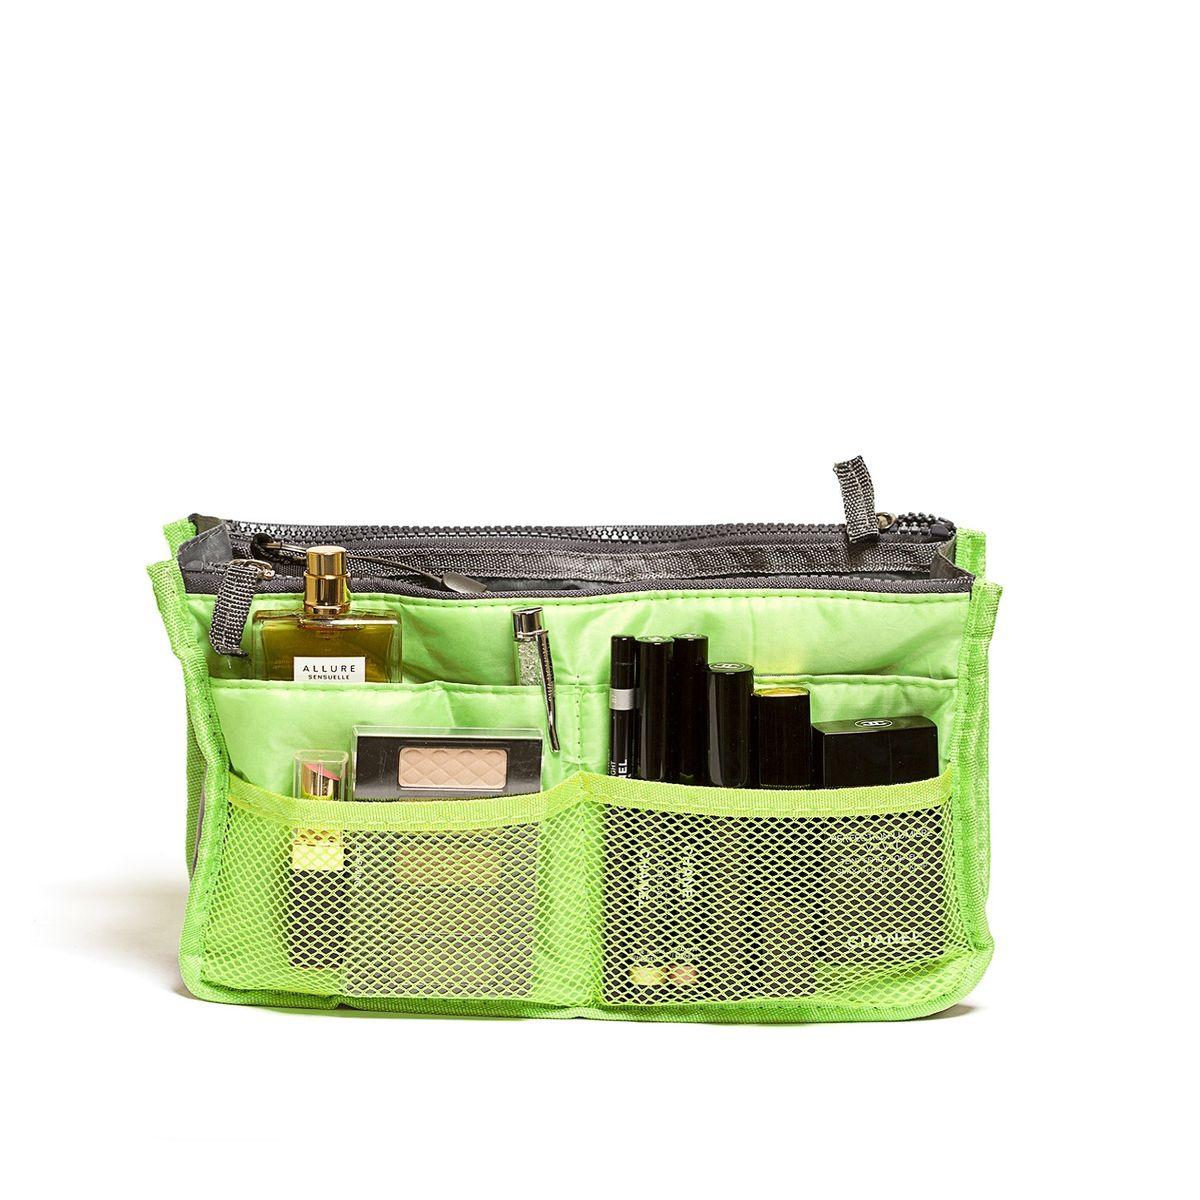 Органайзер для сумки Homsu, цвет: светло-зеленый, 30 x 8,5 x 18,5 смHOM-142Органайзер для сумки Homsu выполнен из полиэстера и текстиля. Этот органайзер для сумки имеет три вместительных отделениях для вещей, четыре кармашка по бокам и шесть кармашков в виде сетки. Такой органайзер обеспечит полный порядок в вашей сумке. Данный аксессуар обладает быстрой регулировкой толщины с помощью кнопок. Органайзер оснащен двумя крепкими ручками, что позволяет применять его и вне сумки.